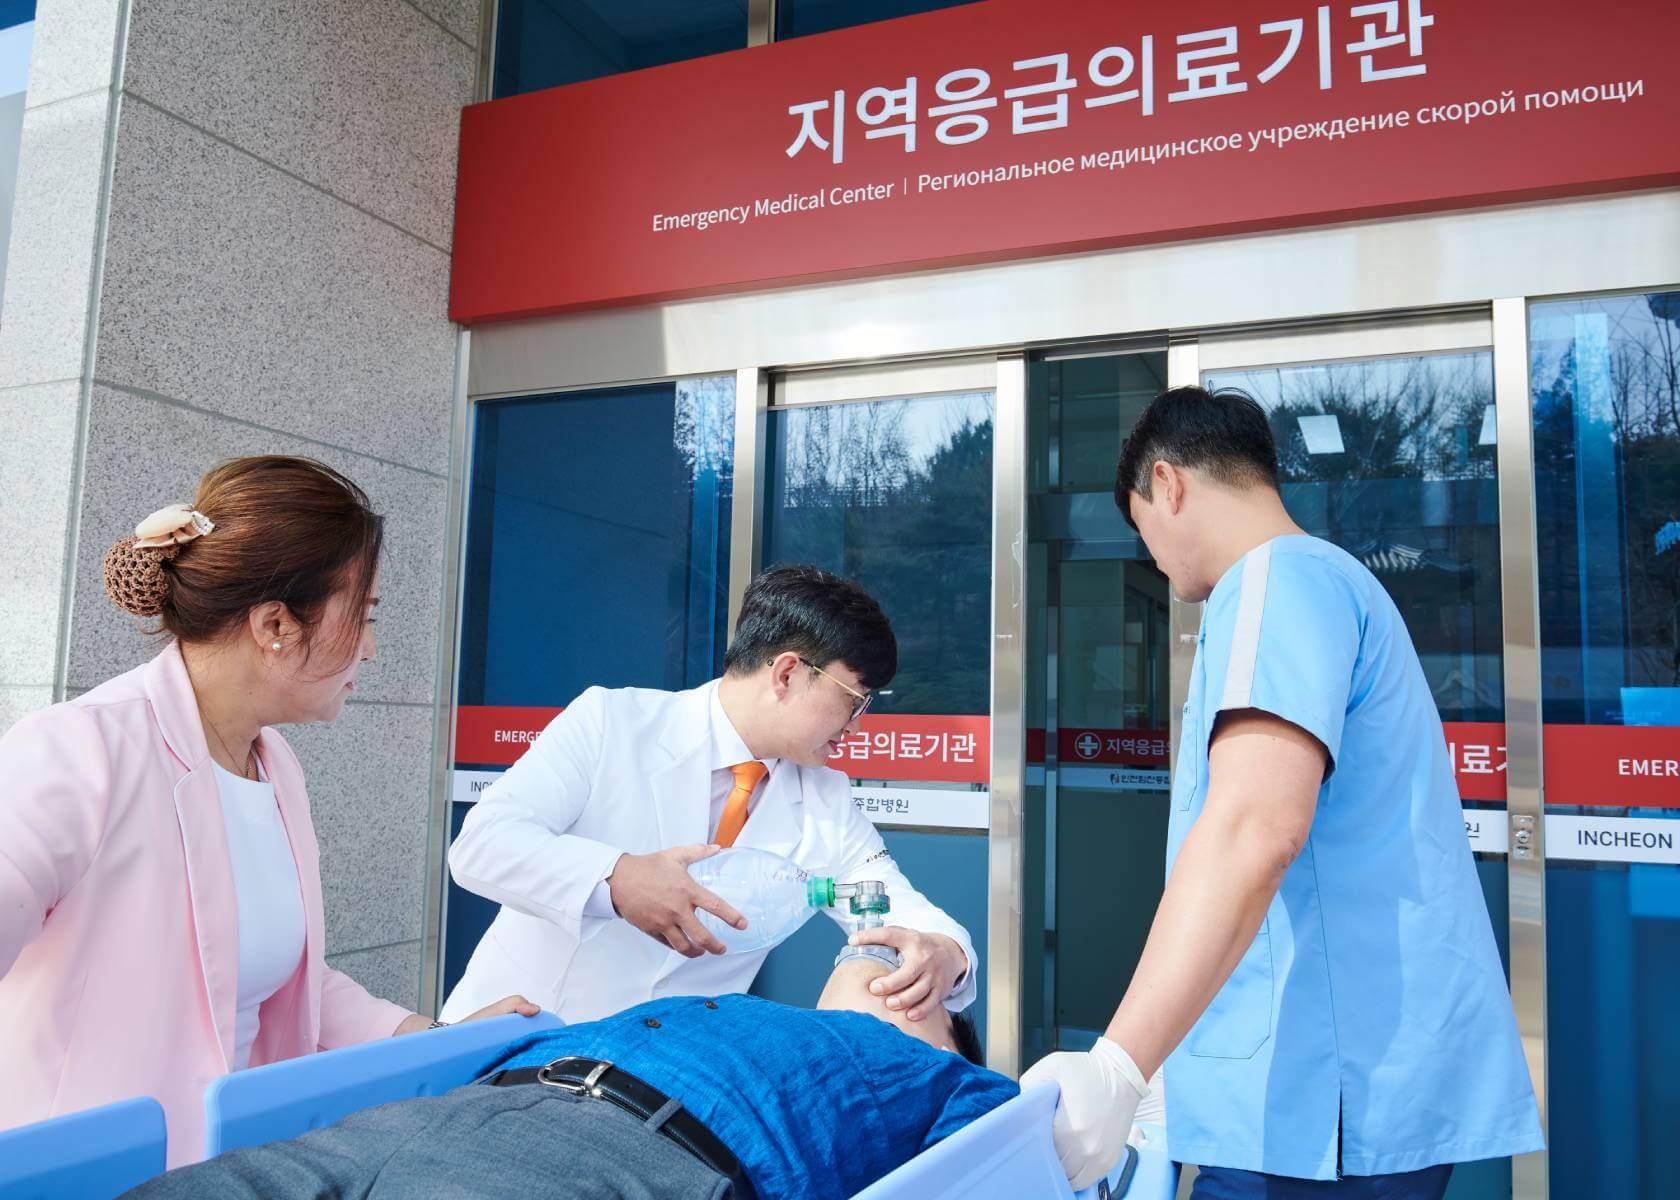 Отделение скорой помощи в Южной Корее